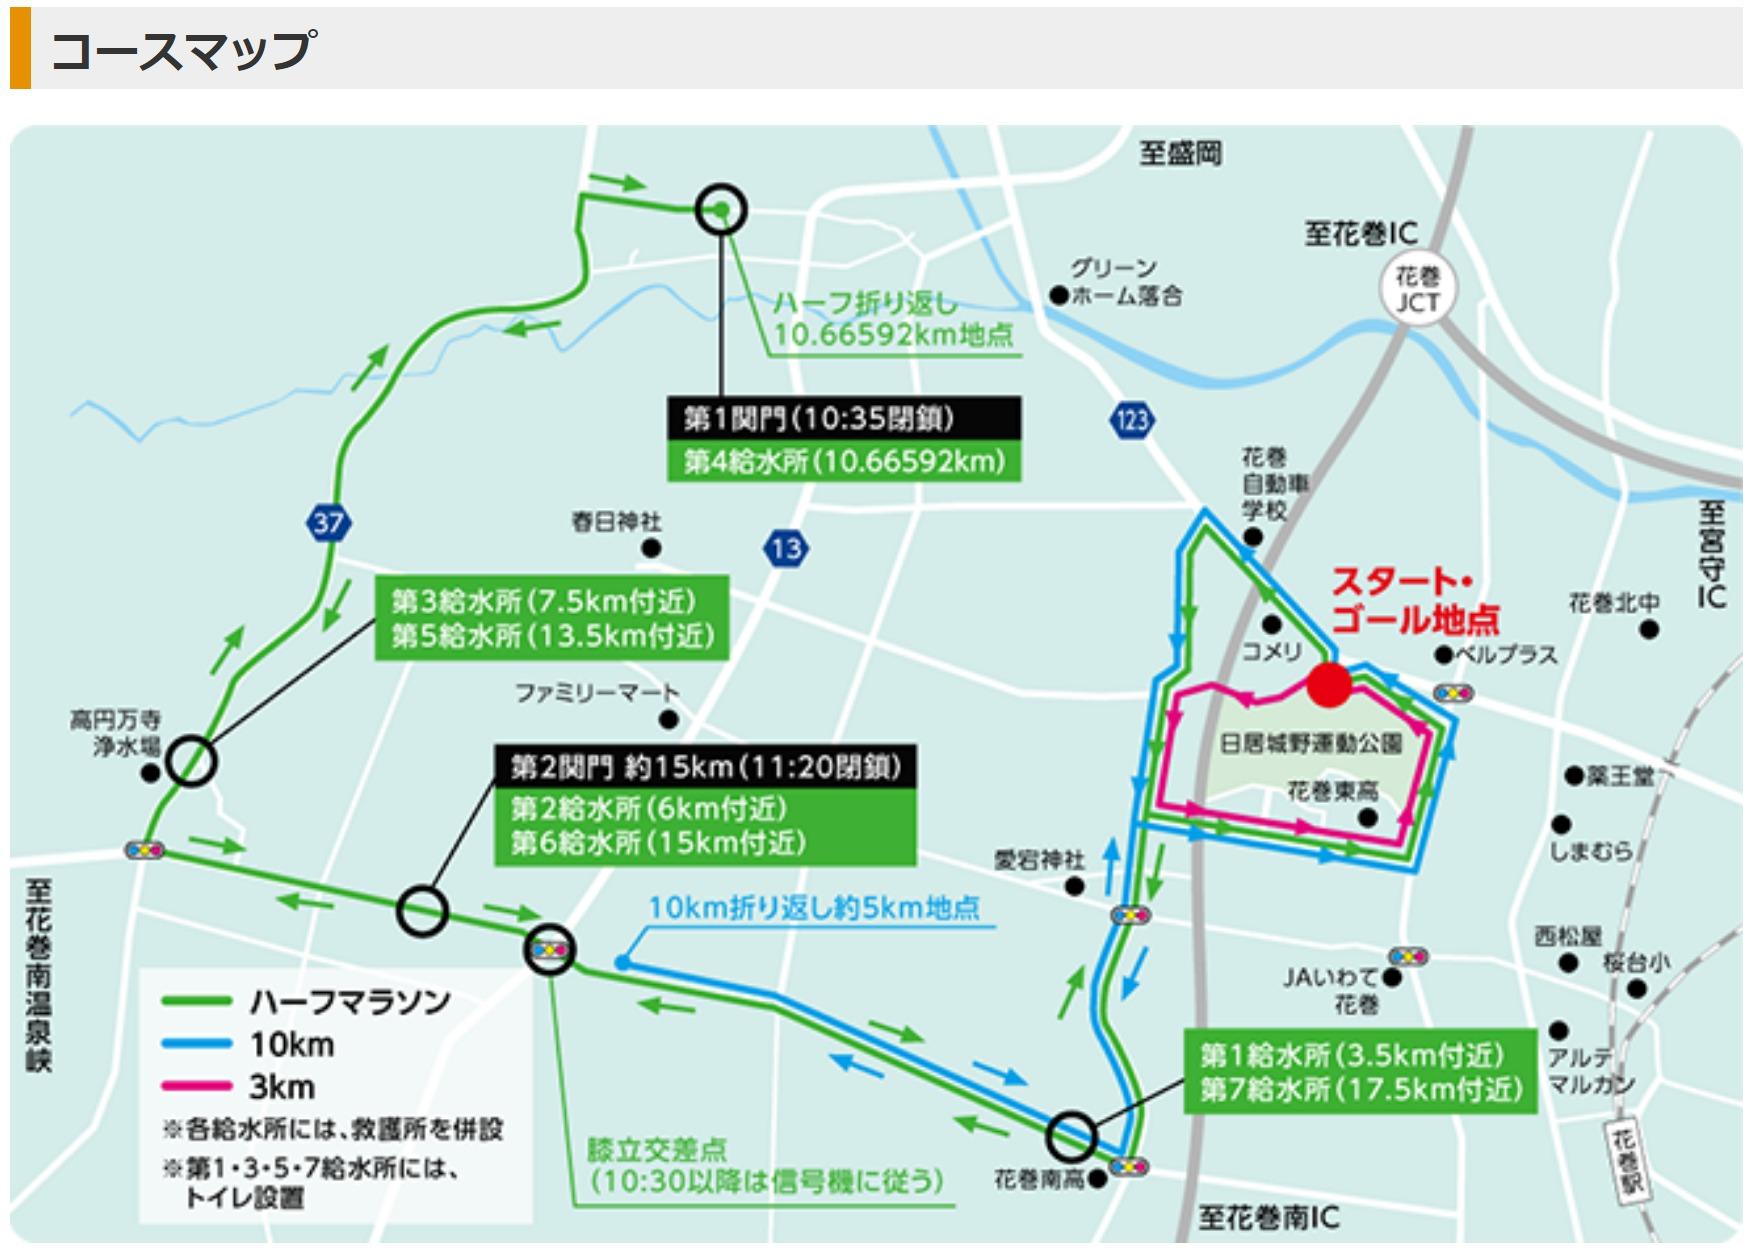 イーハトーブ花巻ハーフマラソンコースマップ